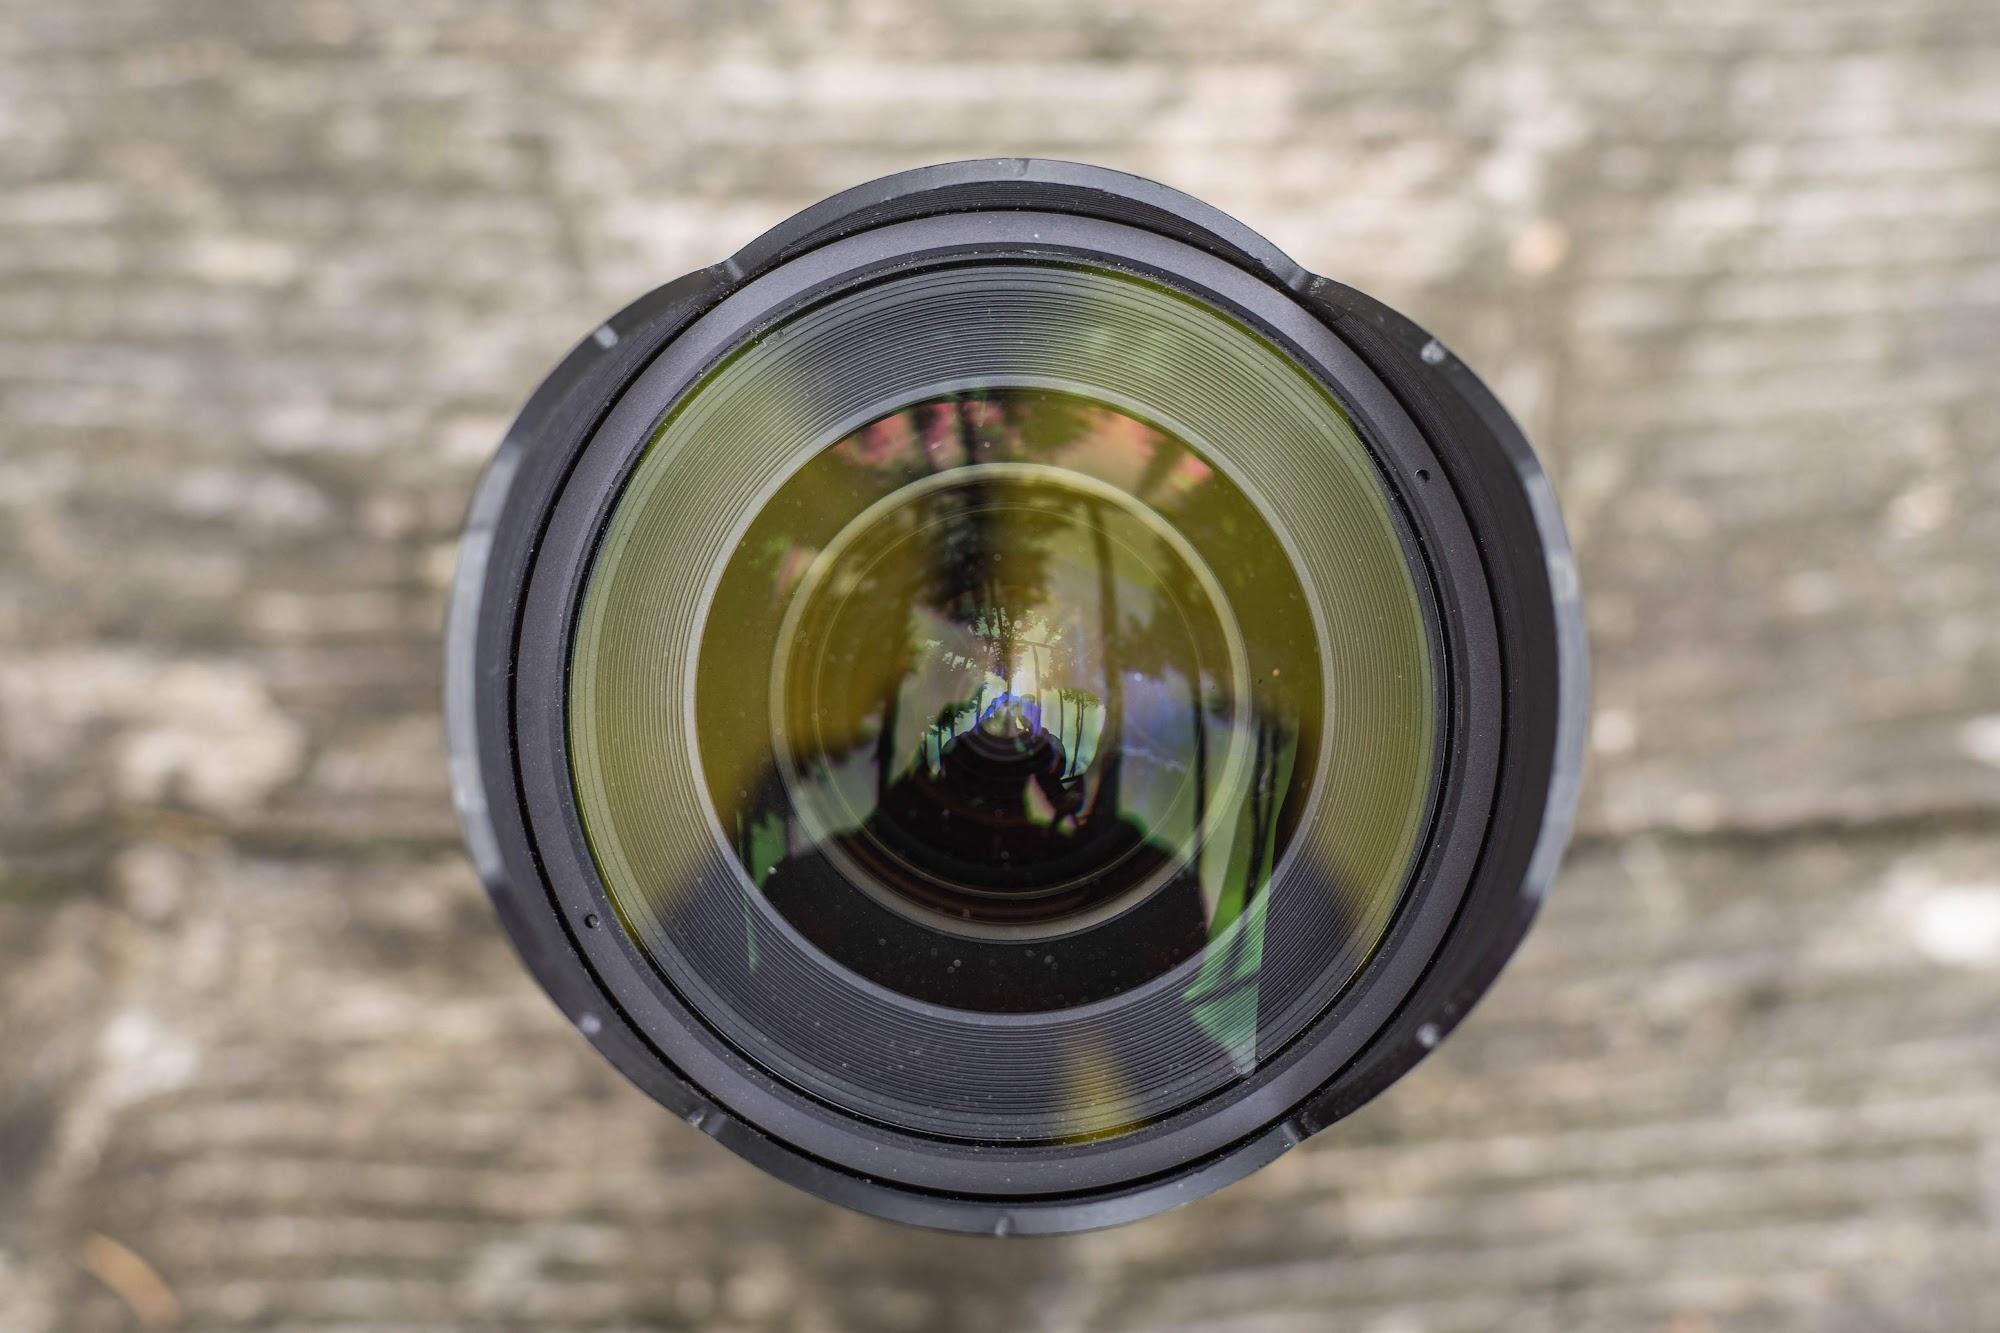 Samyang 14mm 1:2.8 Front lens